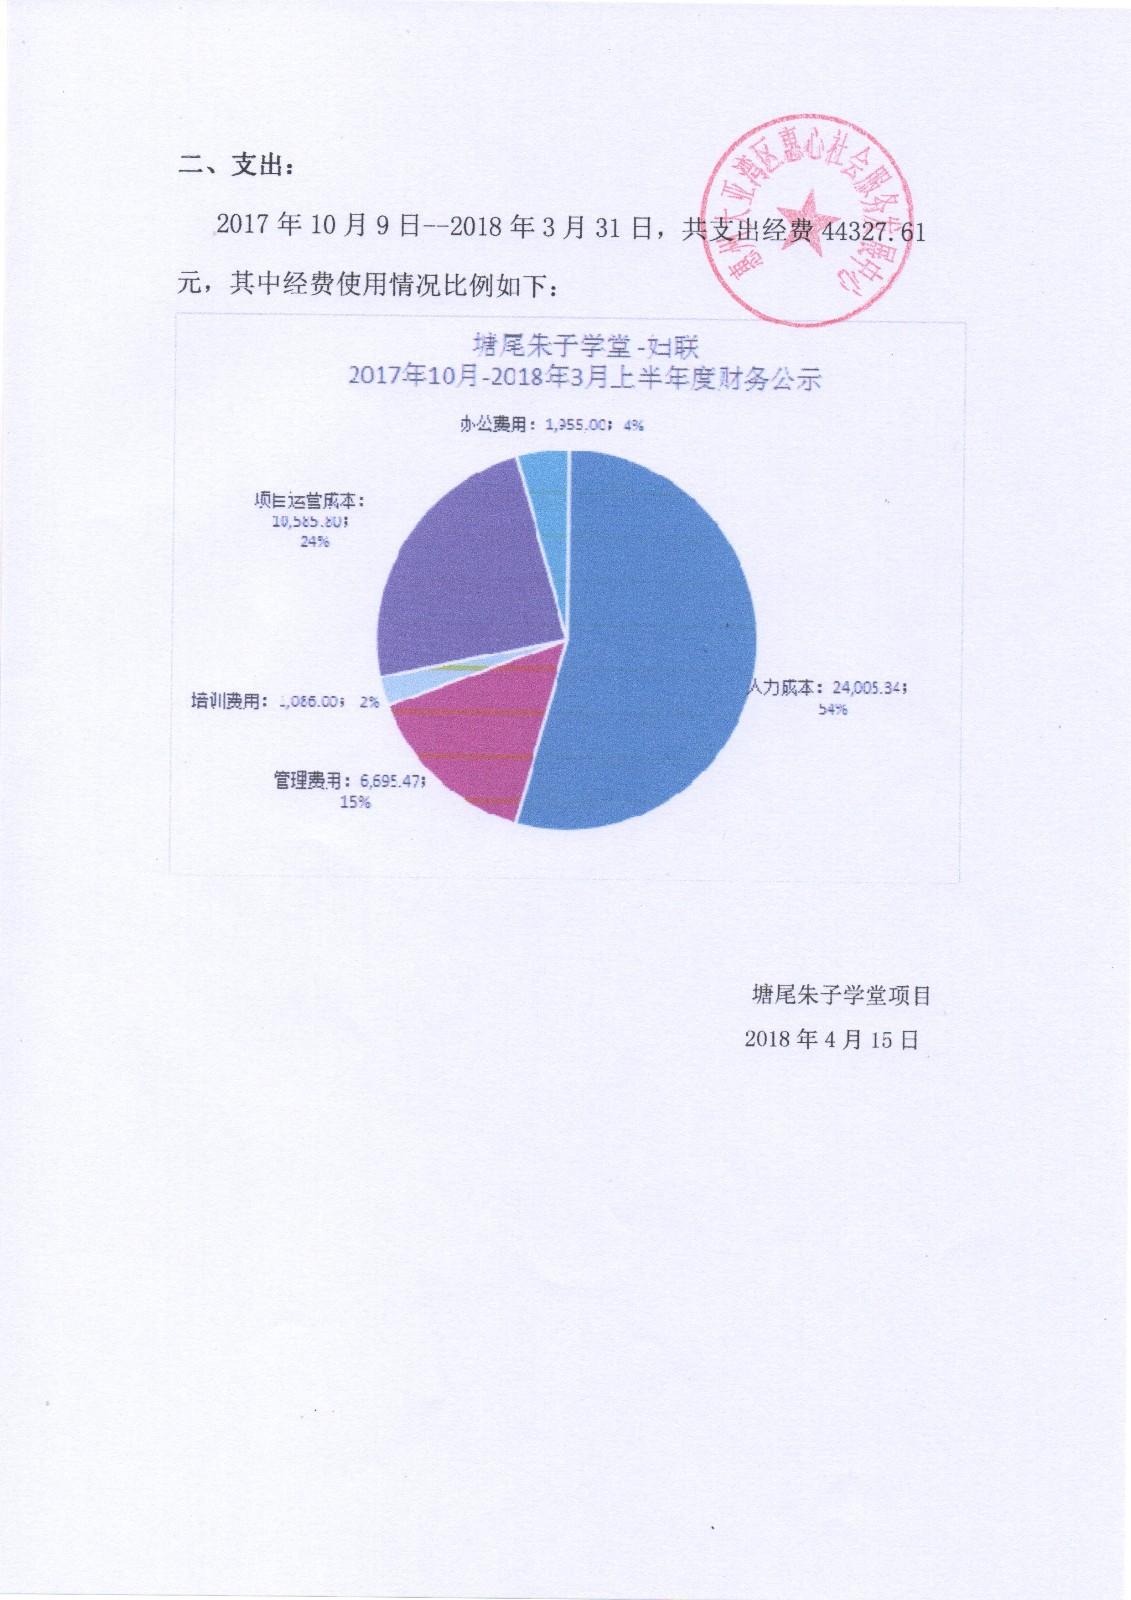 朱子学堂财务公示妇联上半年|公告栏-网赌ag作弊器|官网